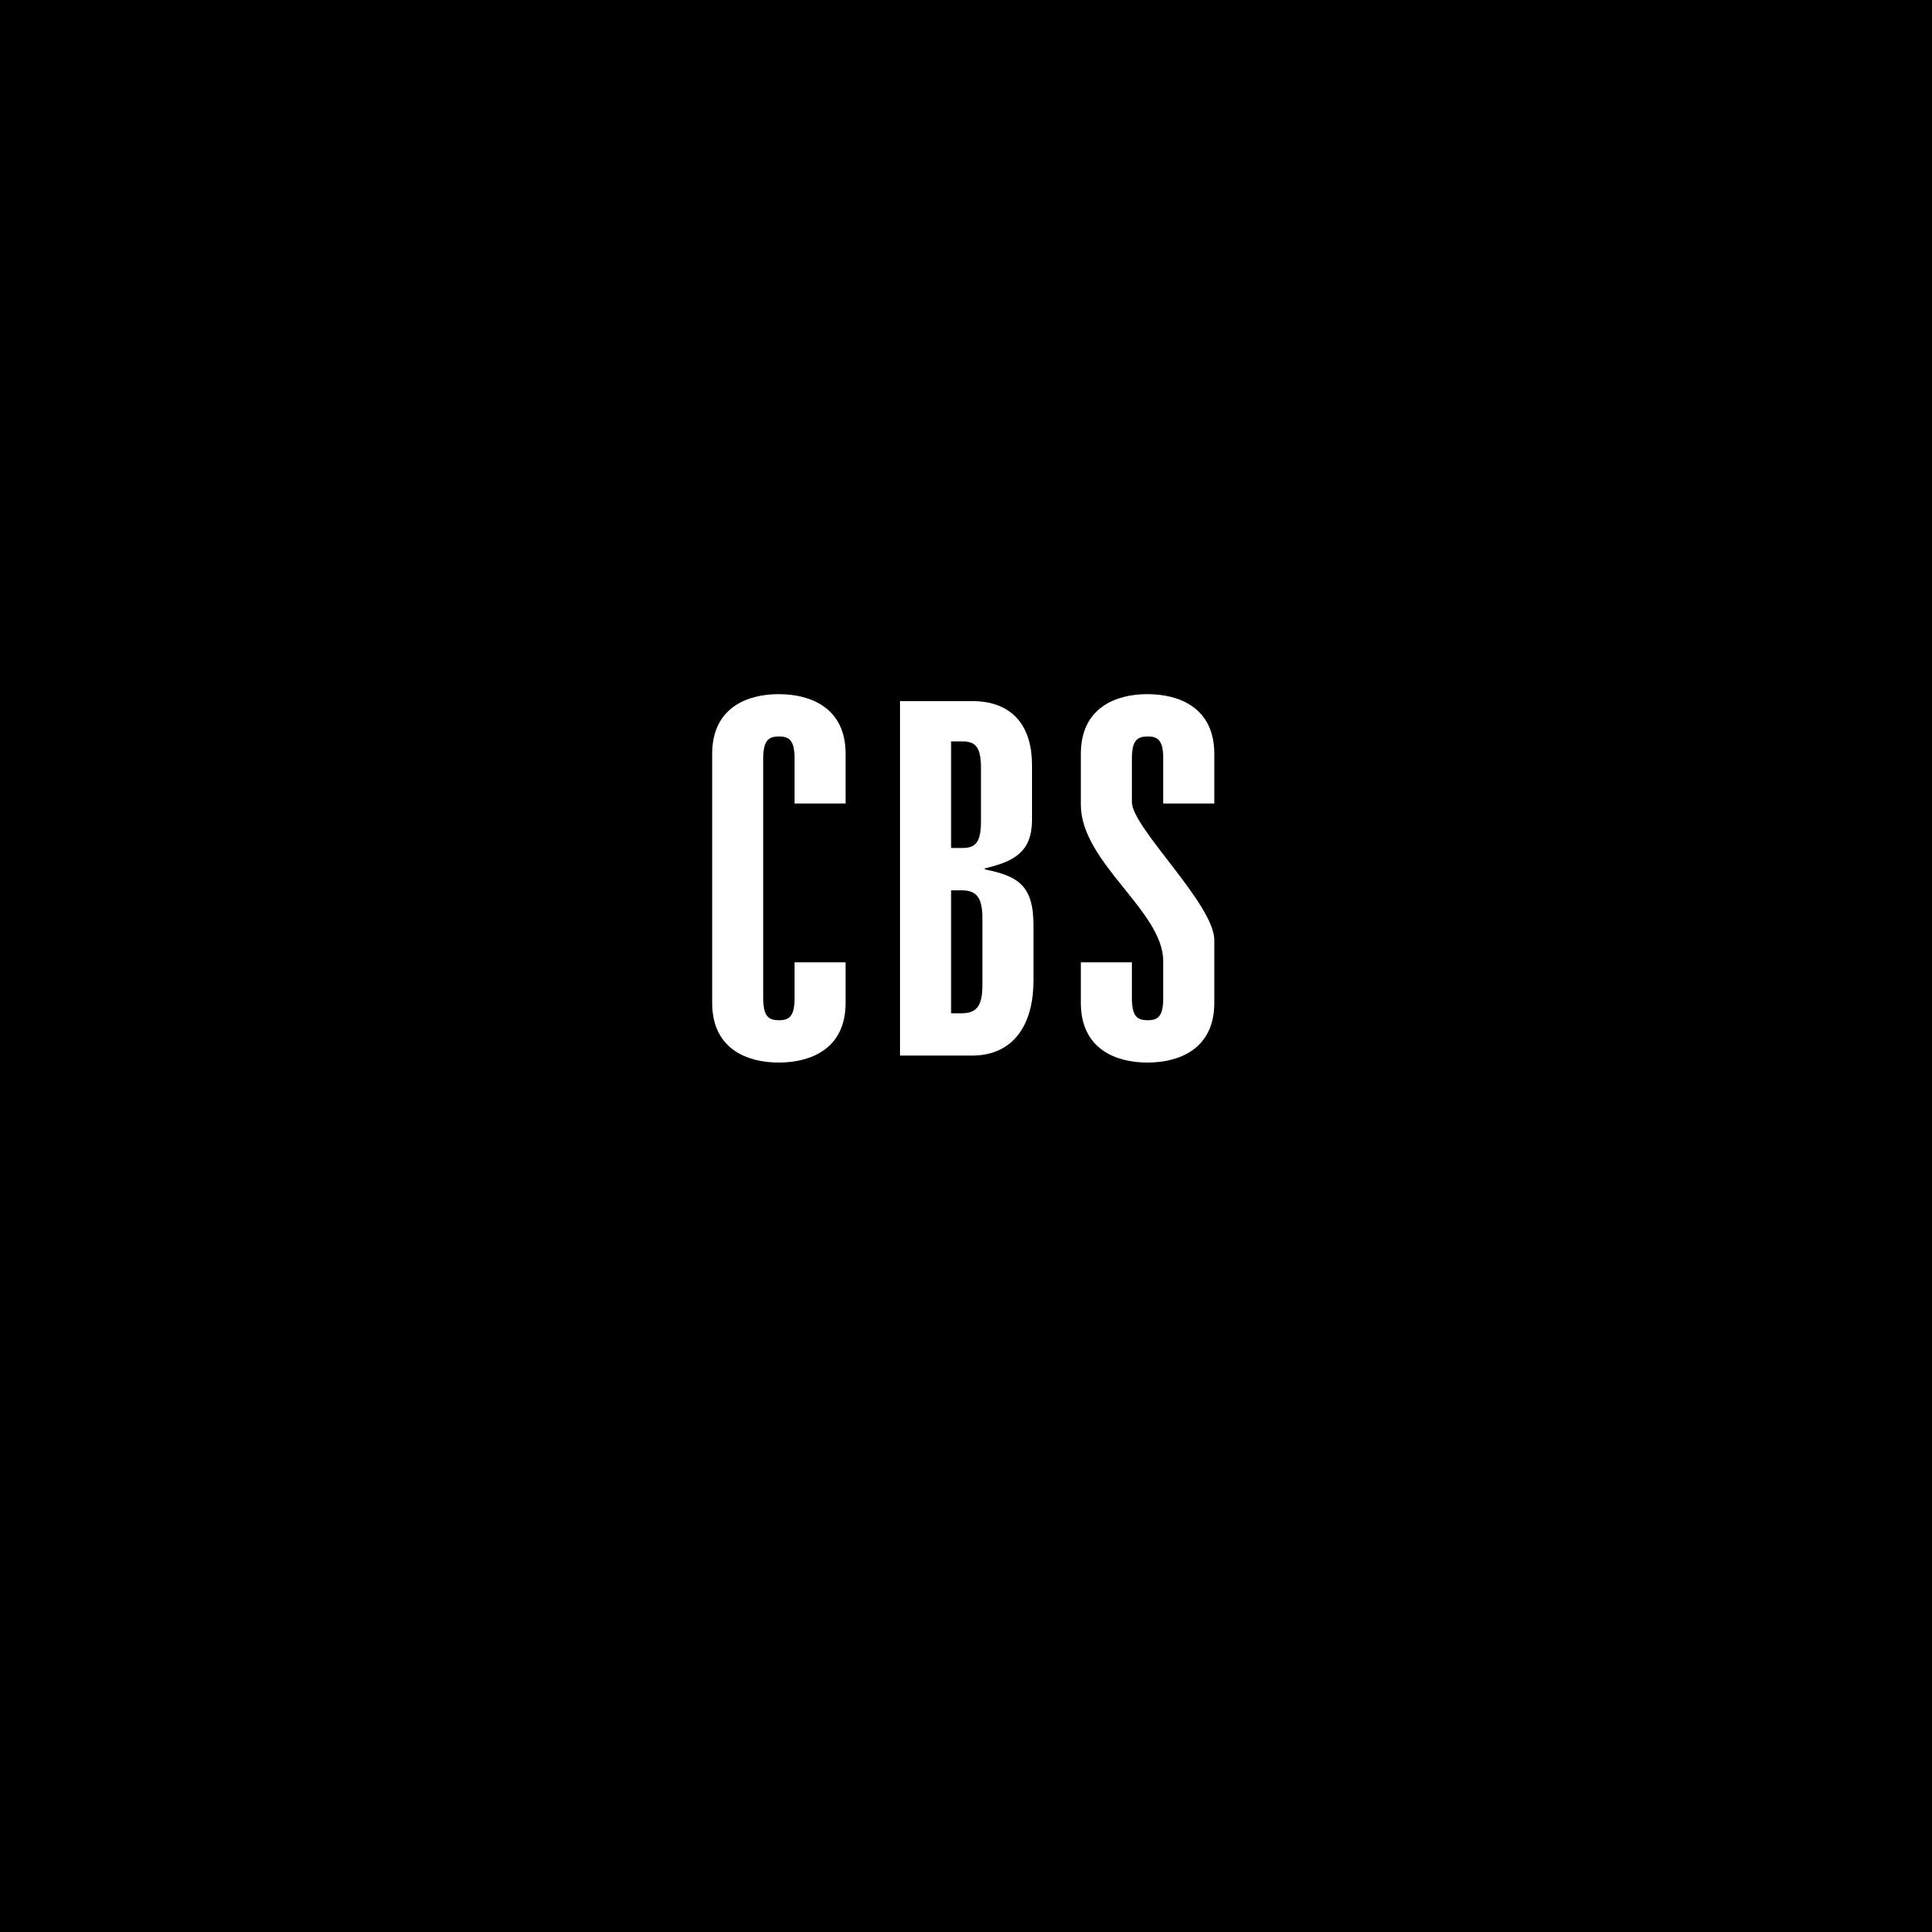 cbs-1-logo-png-transparent.png